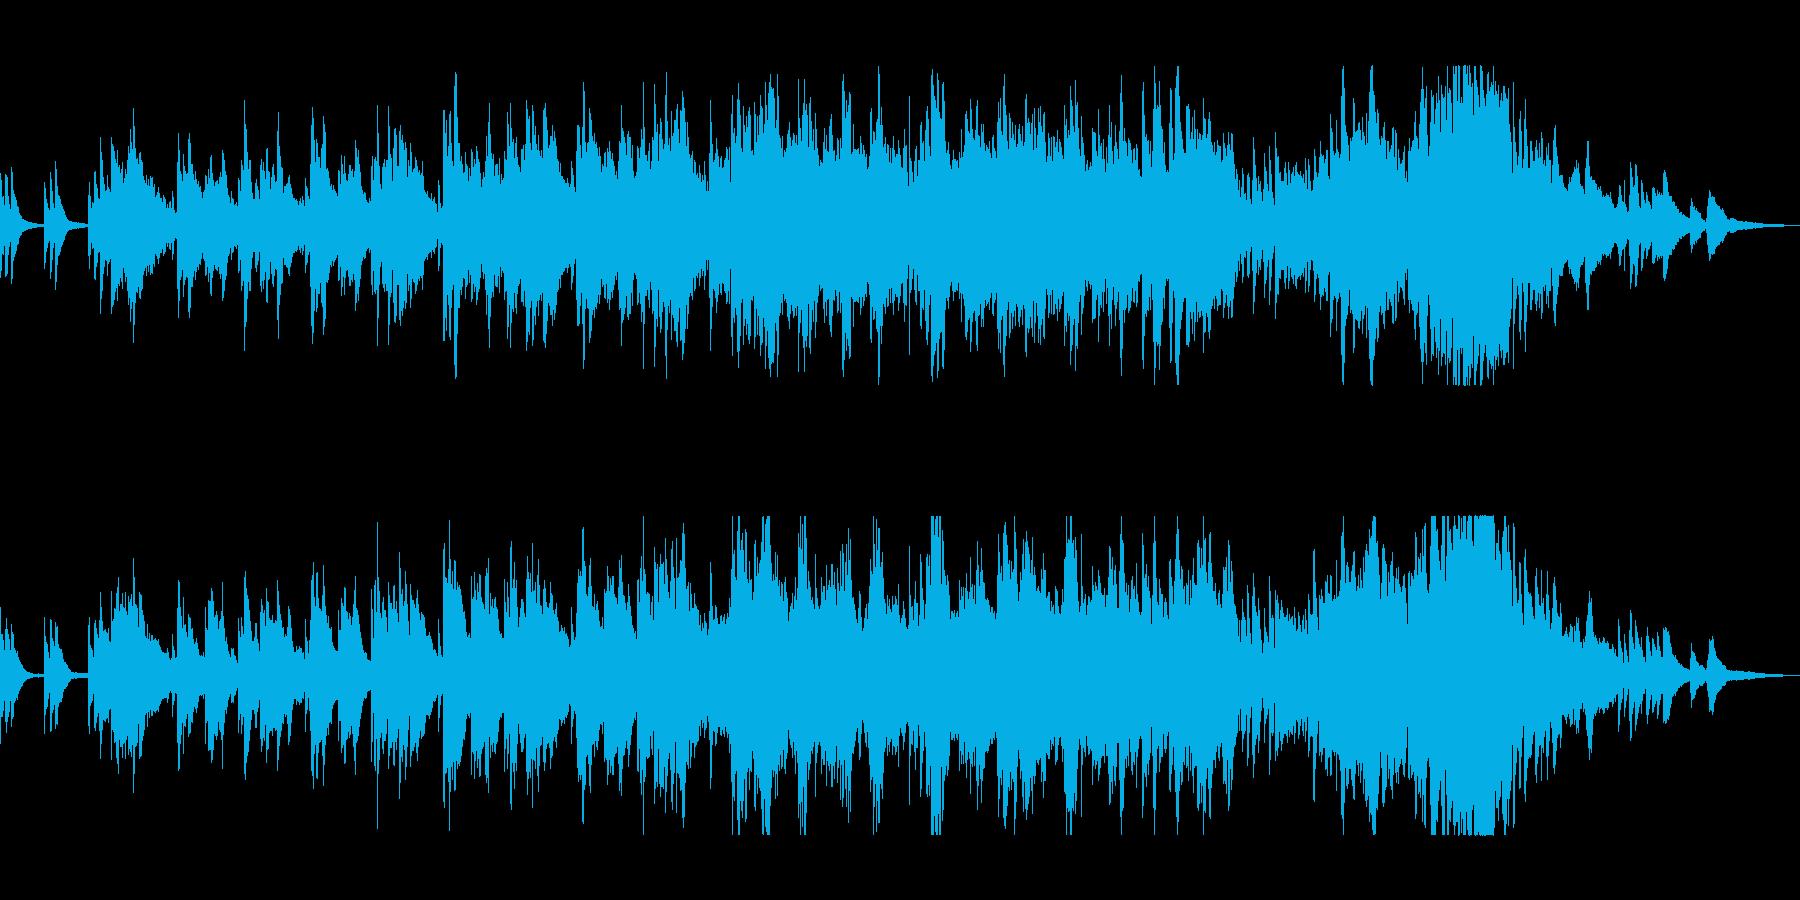 ピアノを基調とした落ち着いたバラードの再生済みの波形